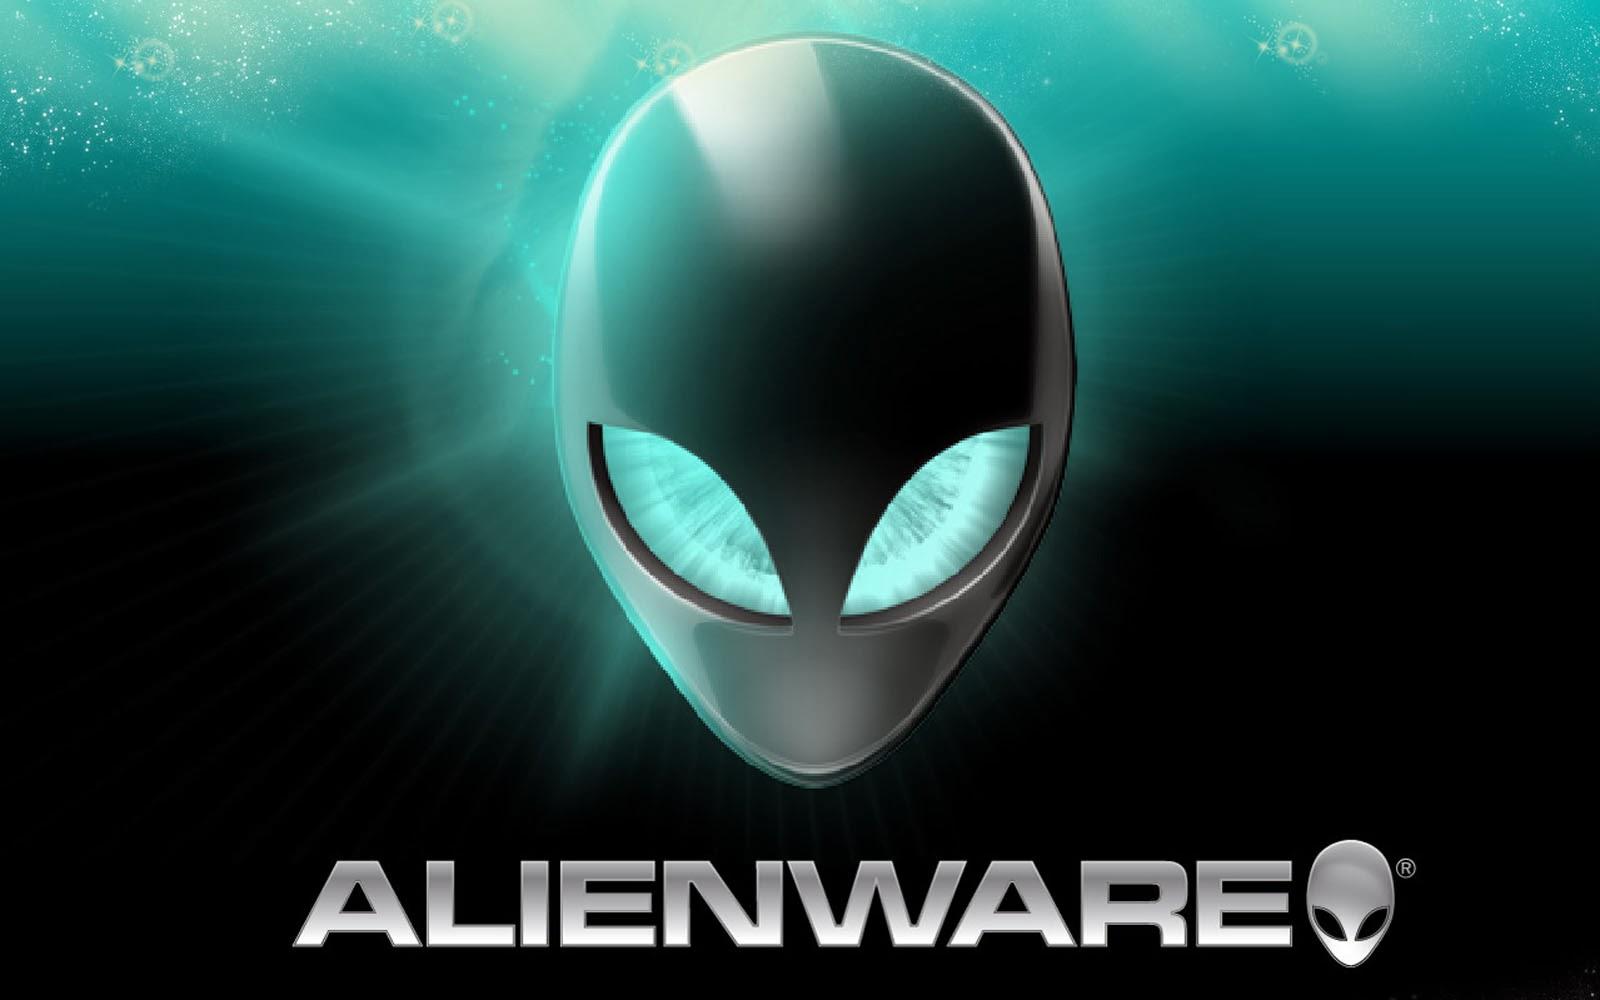 Wallpapers Alienware Backgrounds